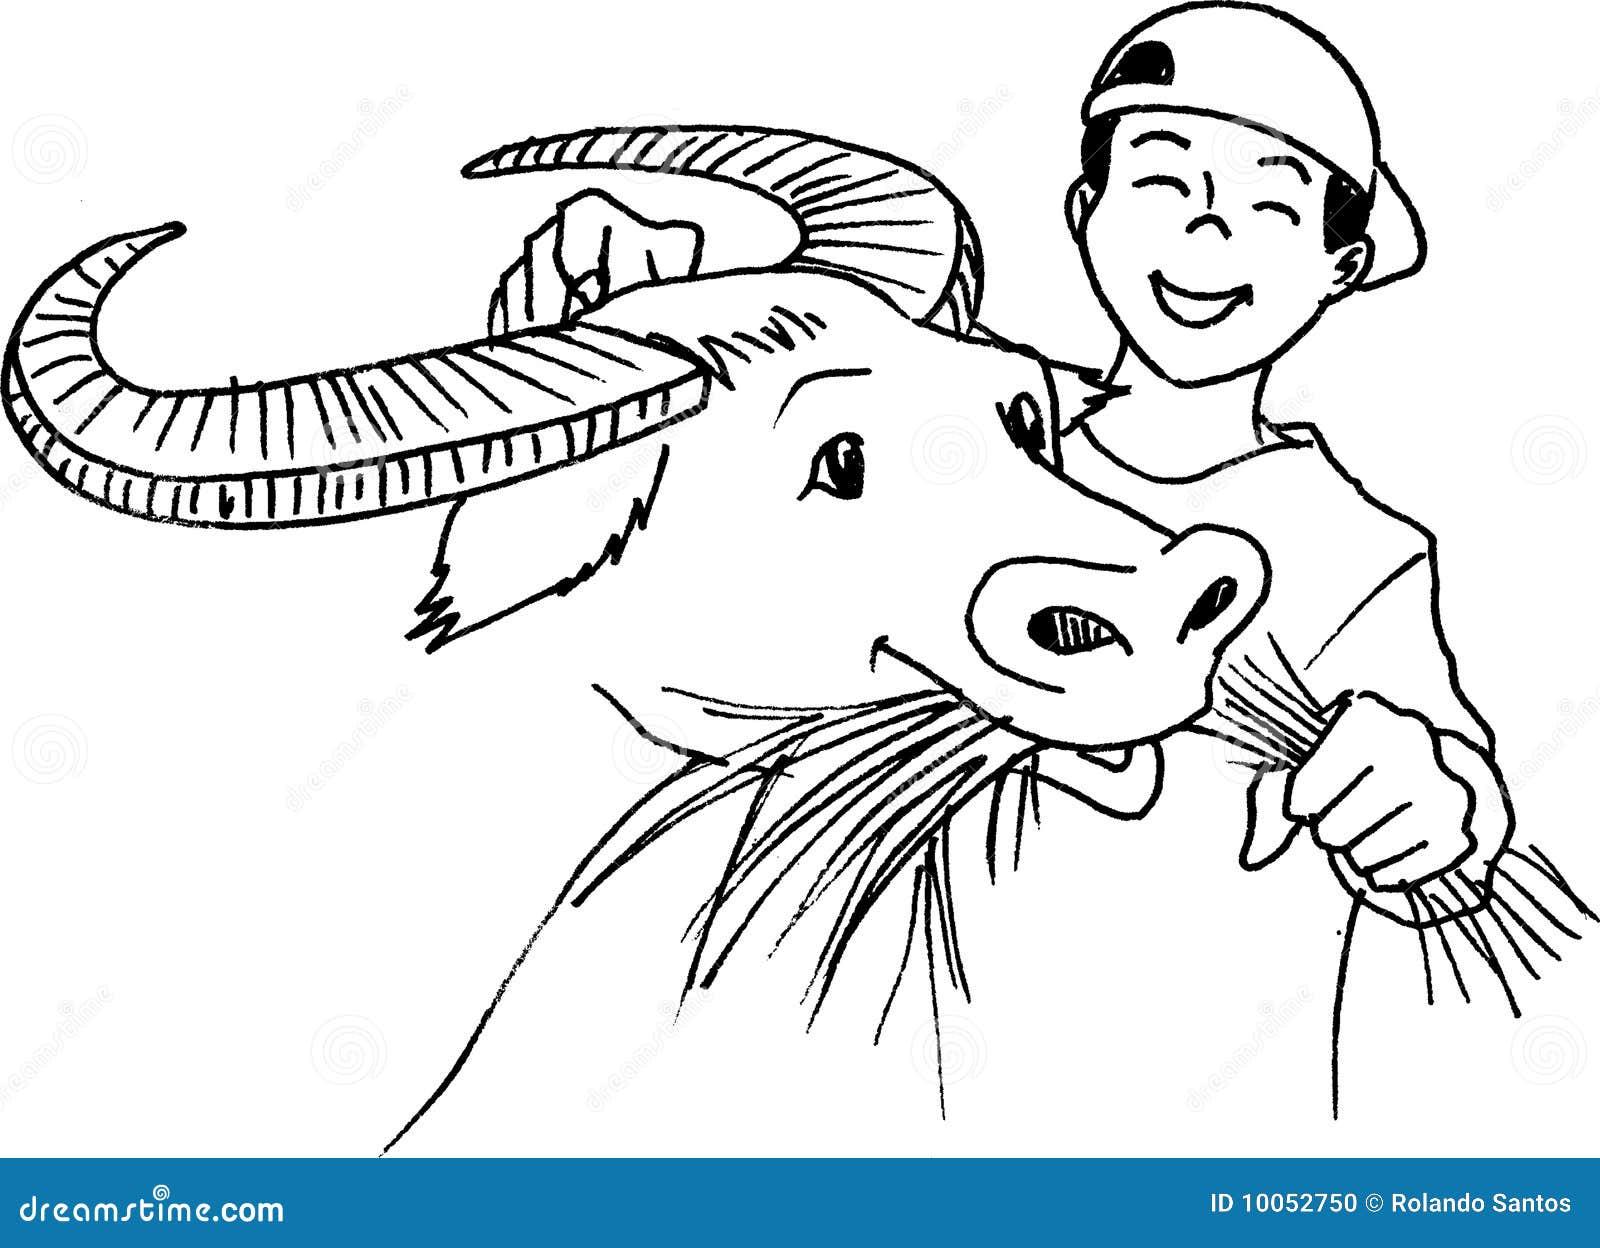 Alimentação do búfalo-da-índia